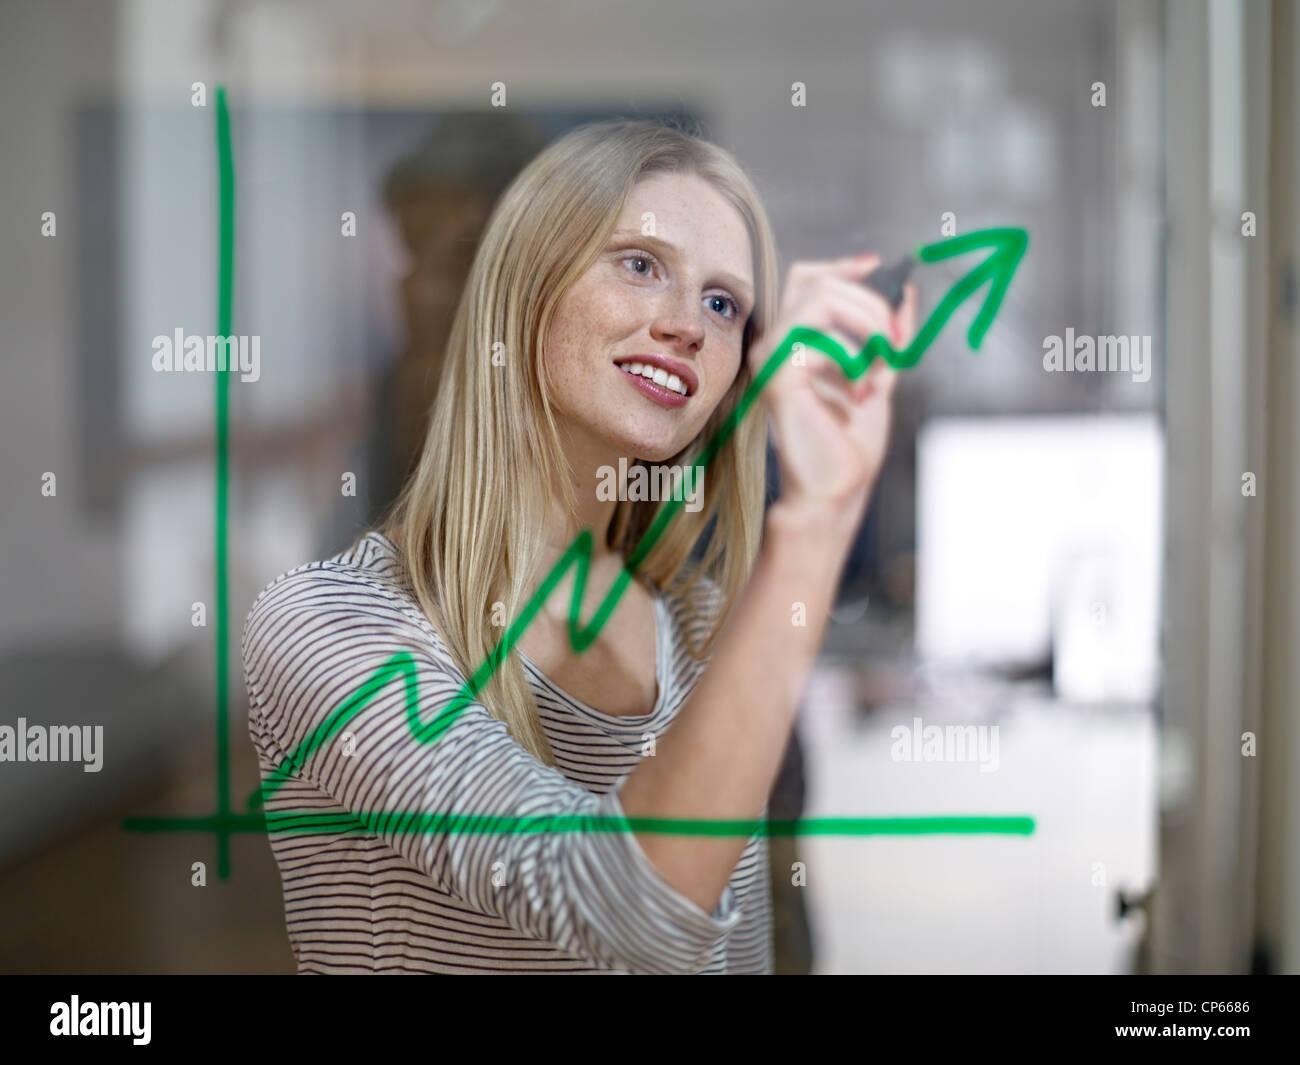 Germania, Colonia, giovane donna disegno grafico su vetro Immagini Stock